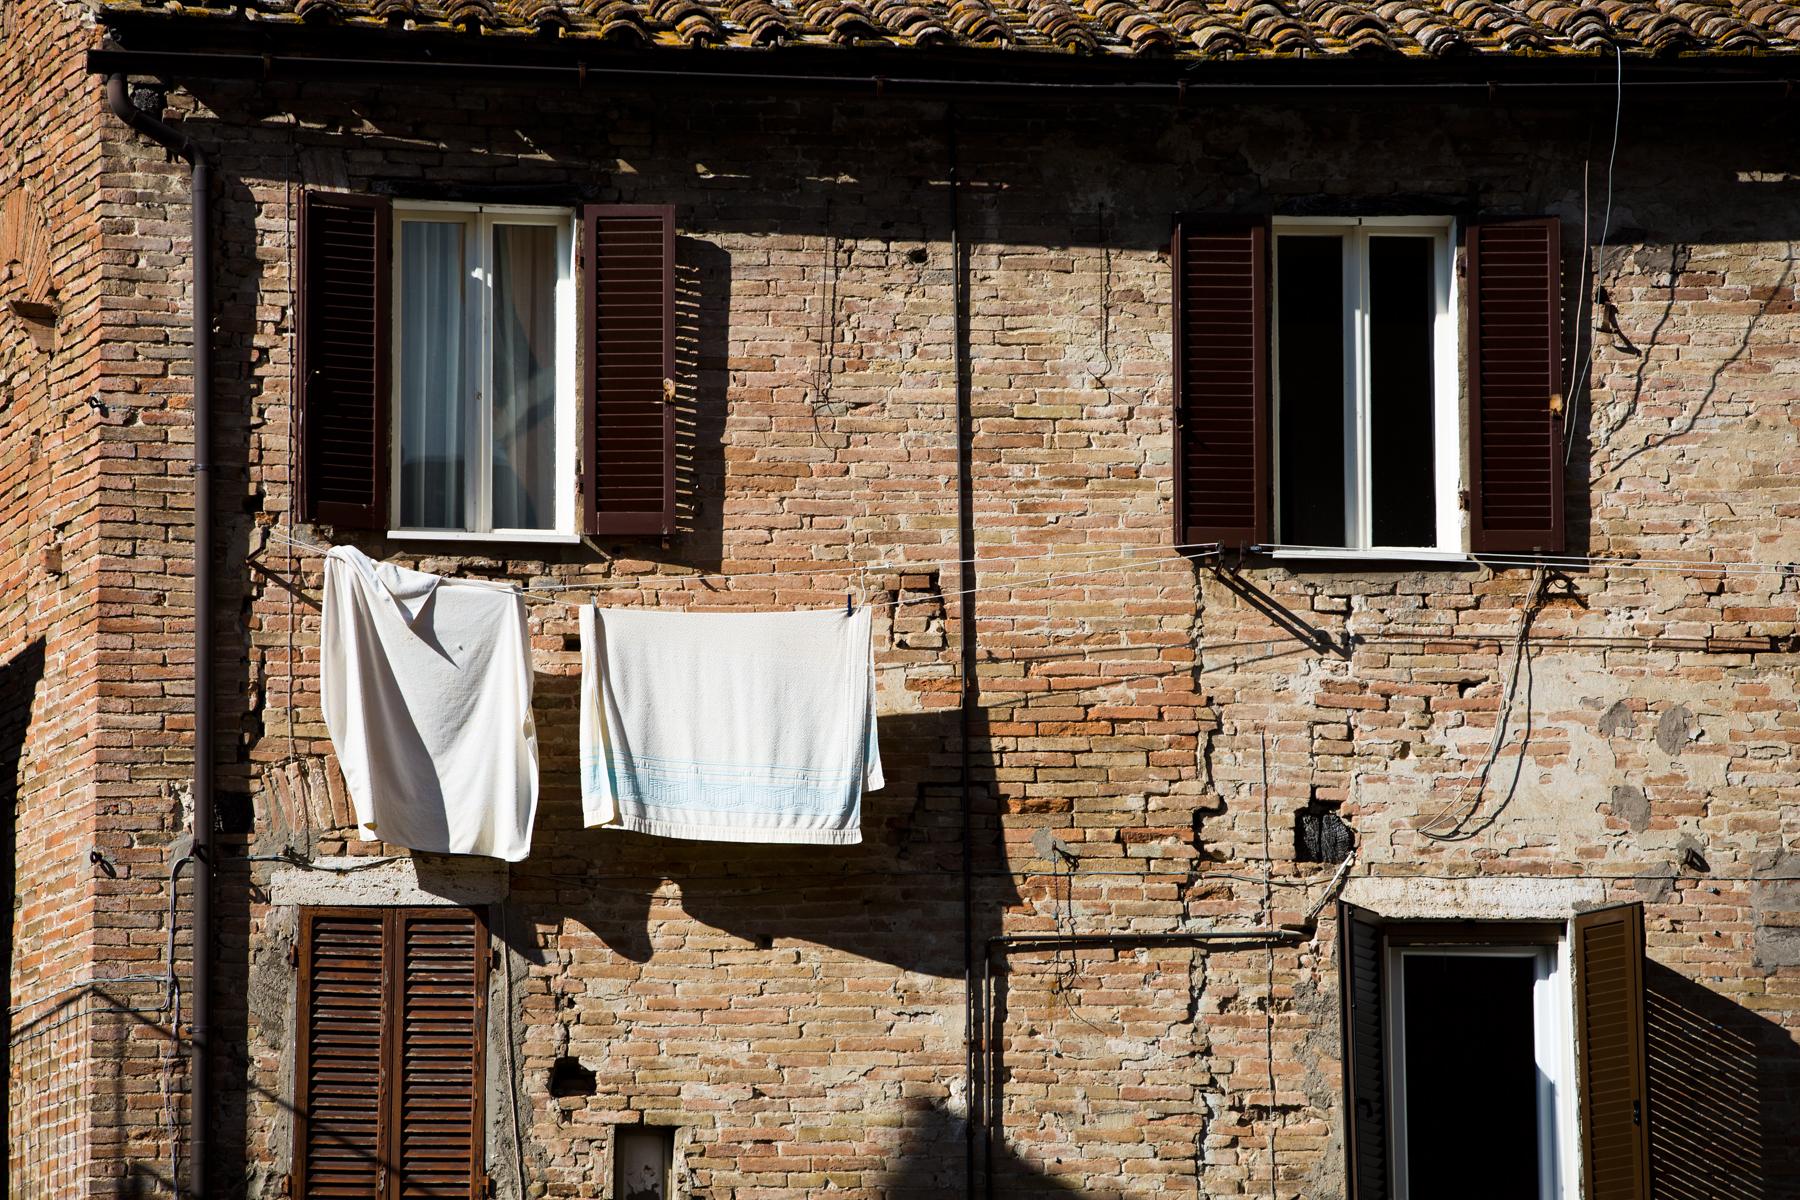 Hausfassade mit Wäsche